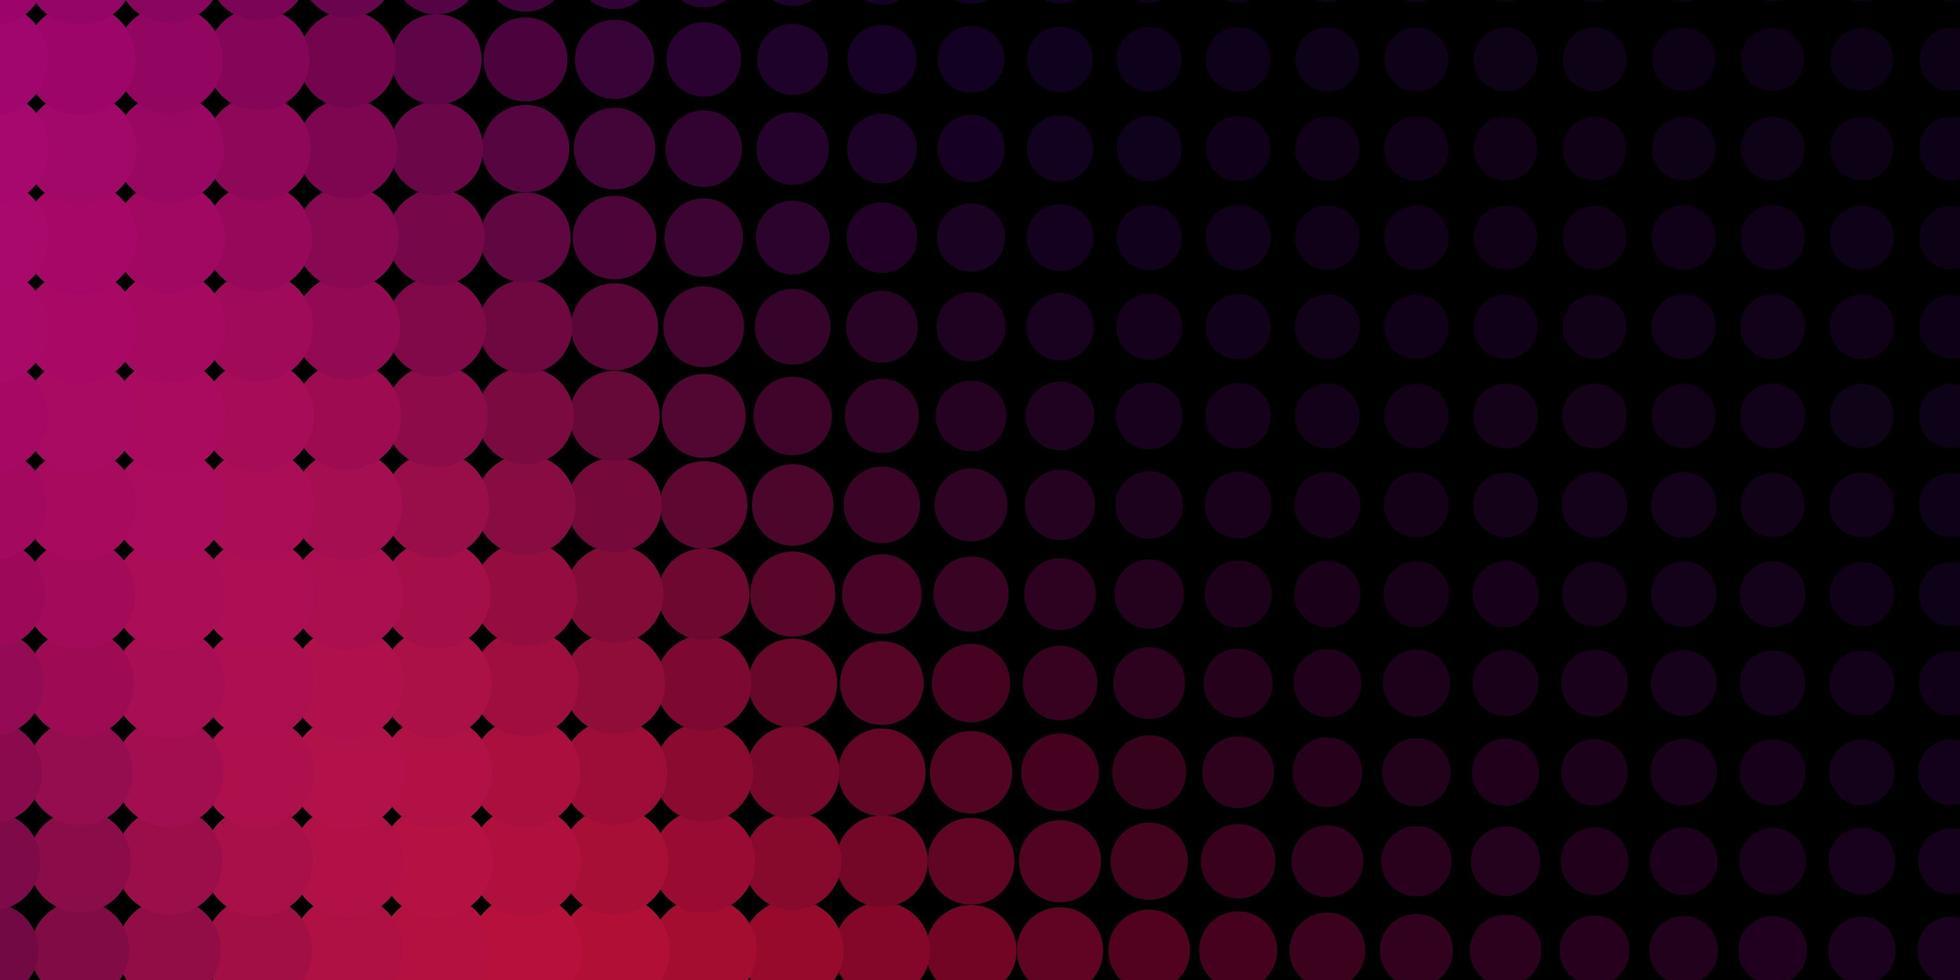 mörkrosa vektorbakgrund med bubblor. vektor